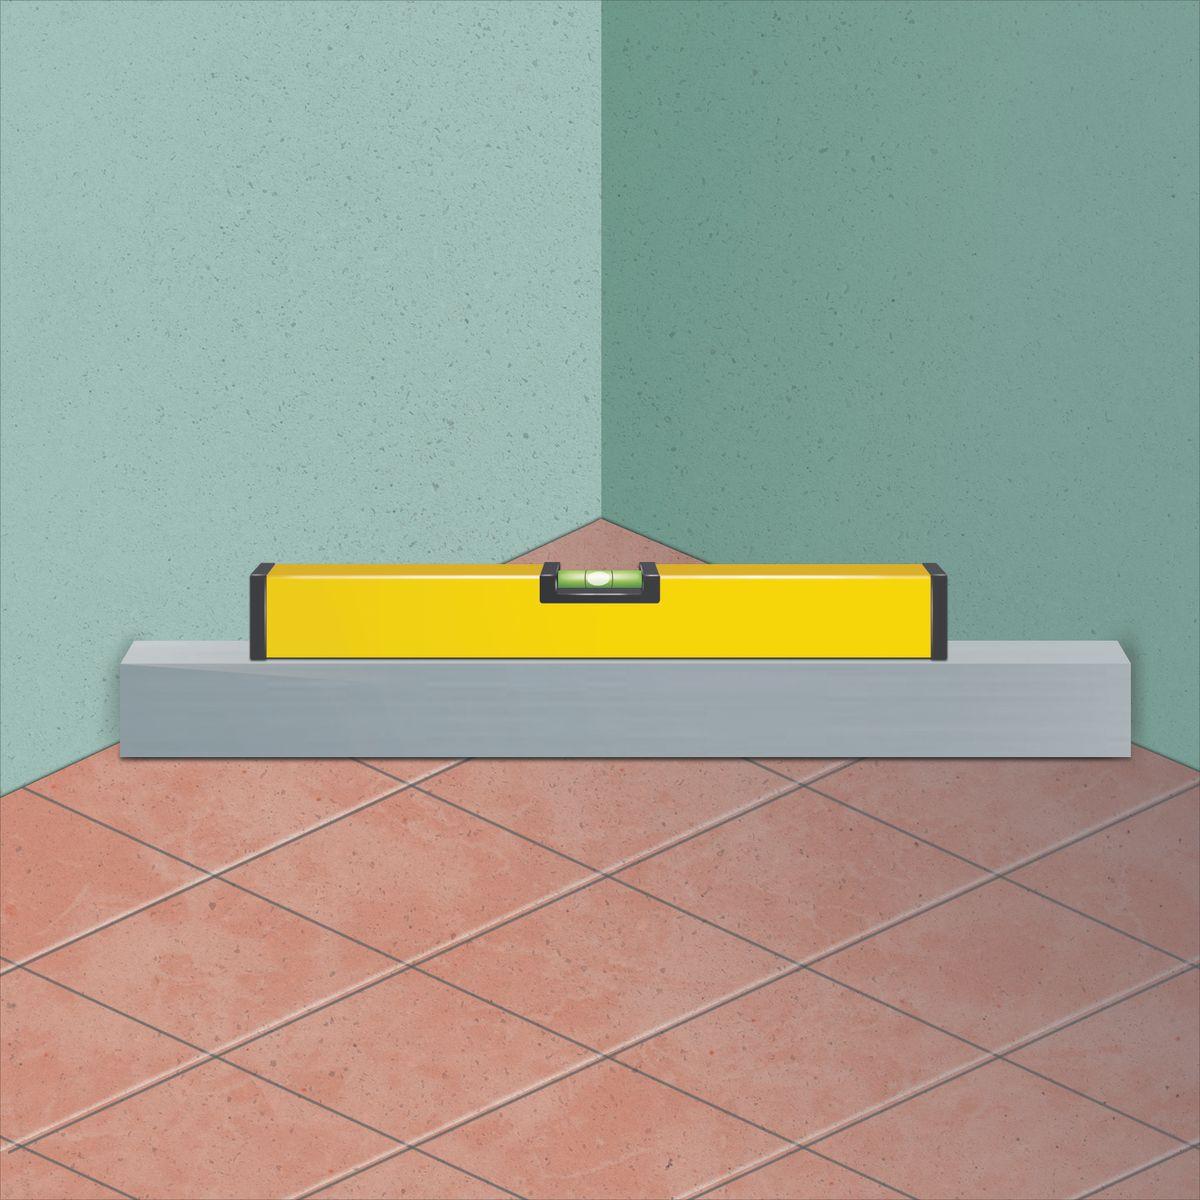 sous couche parquet leroy merlin simple moquette salle de bain comment poser un sol souple. Black Bedroom Furniture Sets. Home Design Ideas